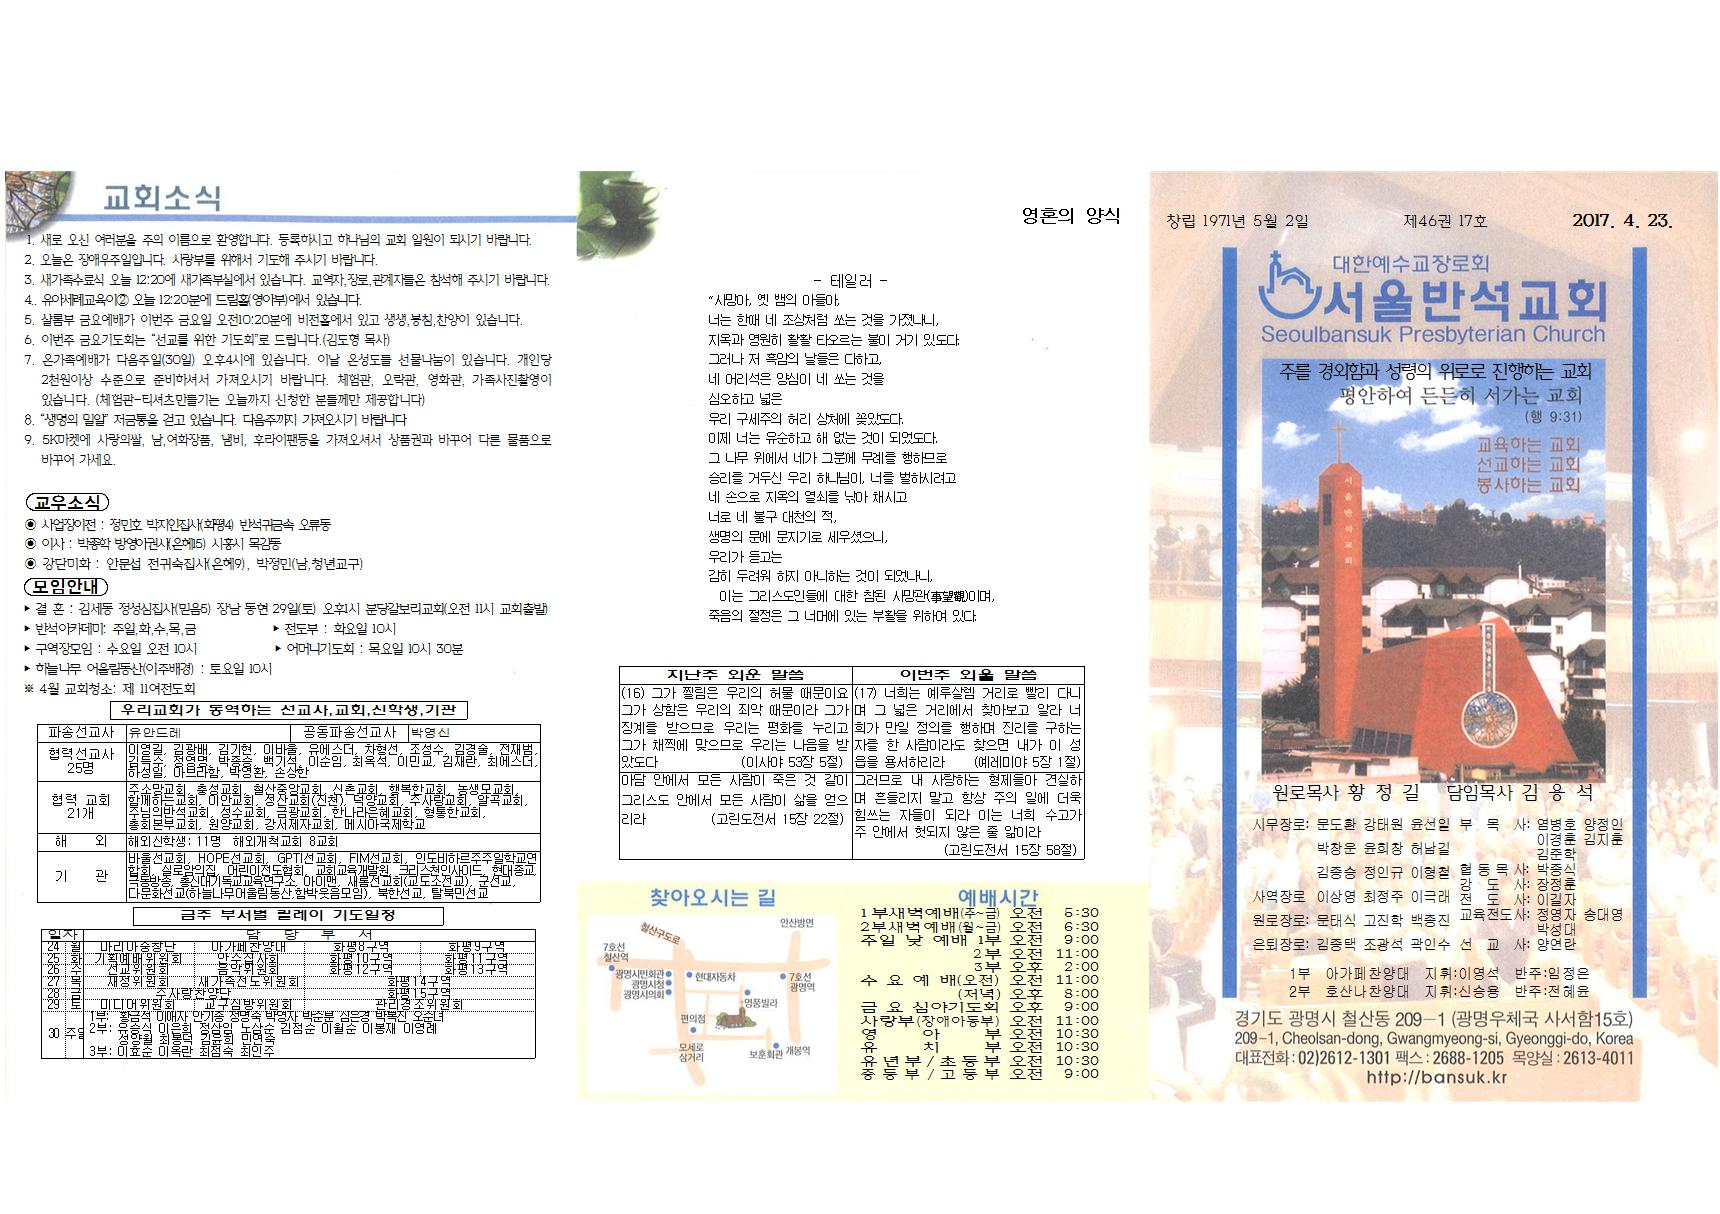 주보 제46권 17호(2017.04.23)